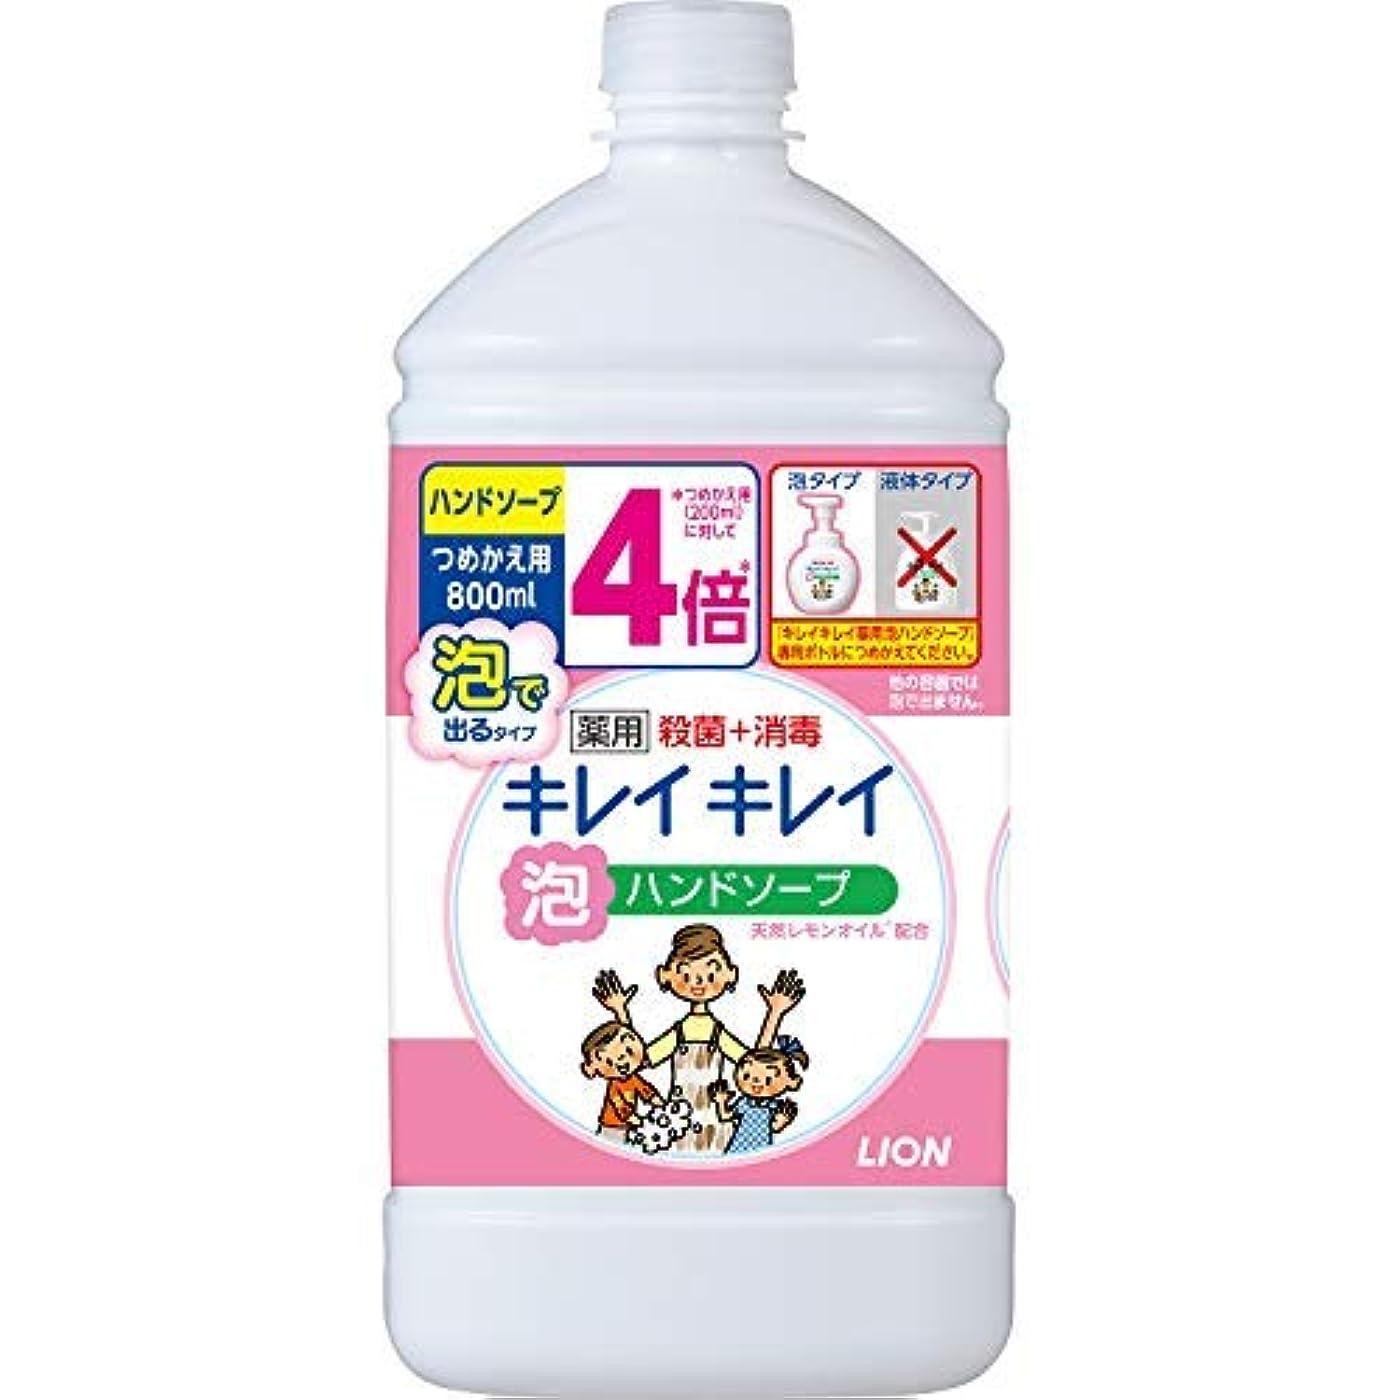 頭痛インレイ飢えキレイキレイ 薬用泡ハンドソープ つめかえ用特大サイズ シトラスフルーティ × 3個セット